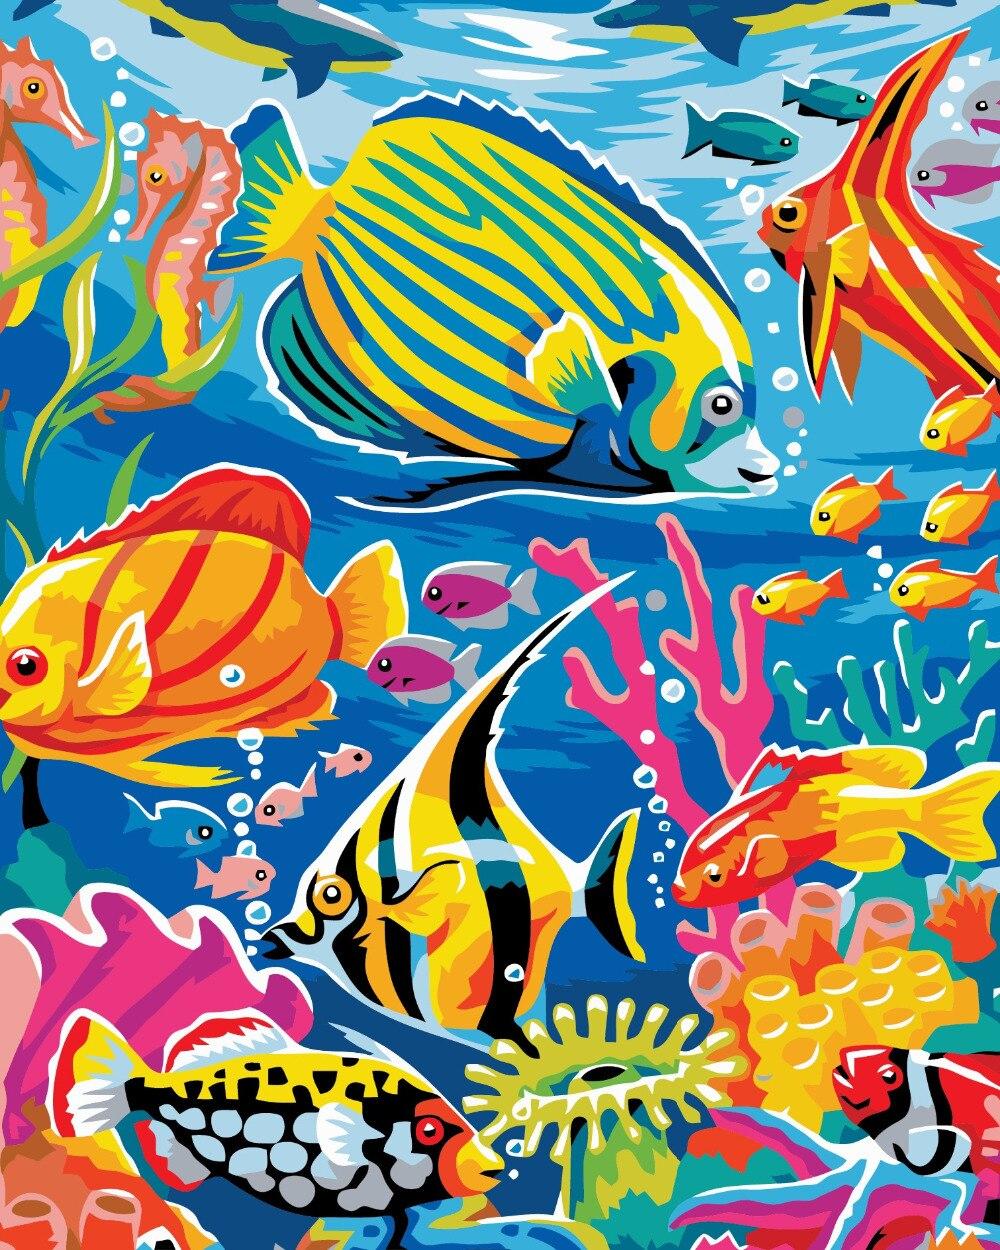 яркая картинка на тему моря качестве